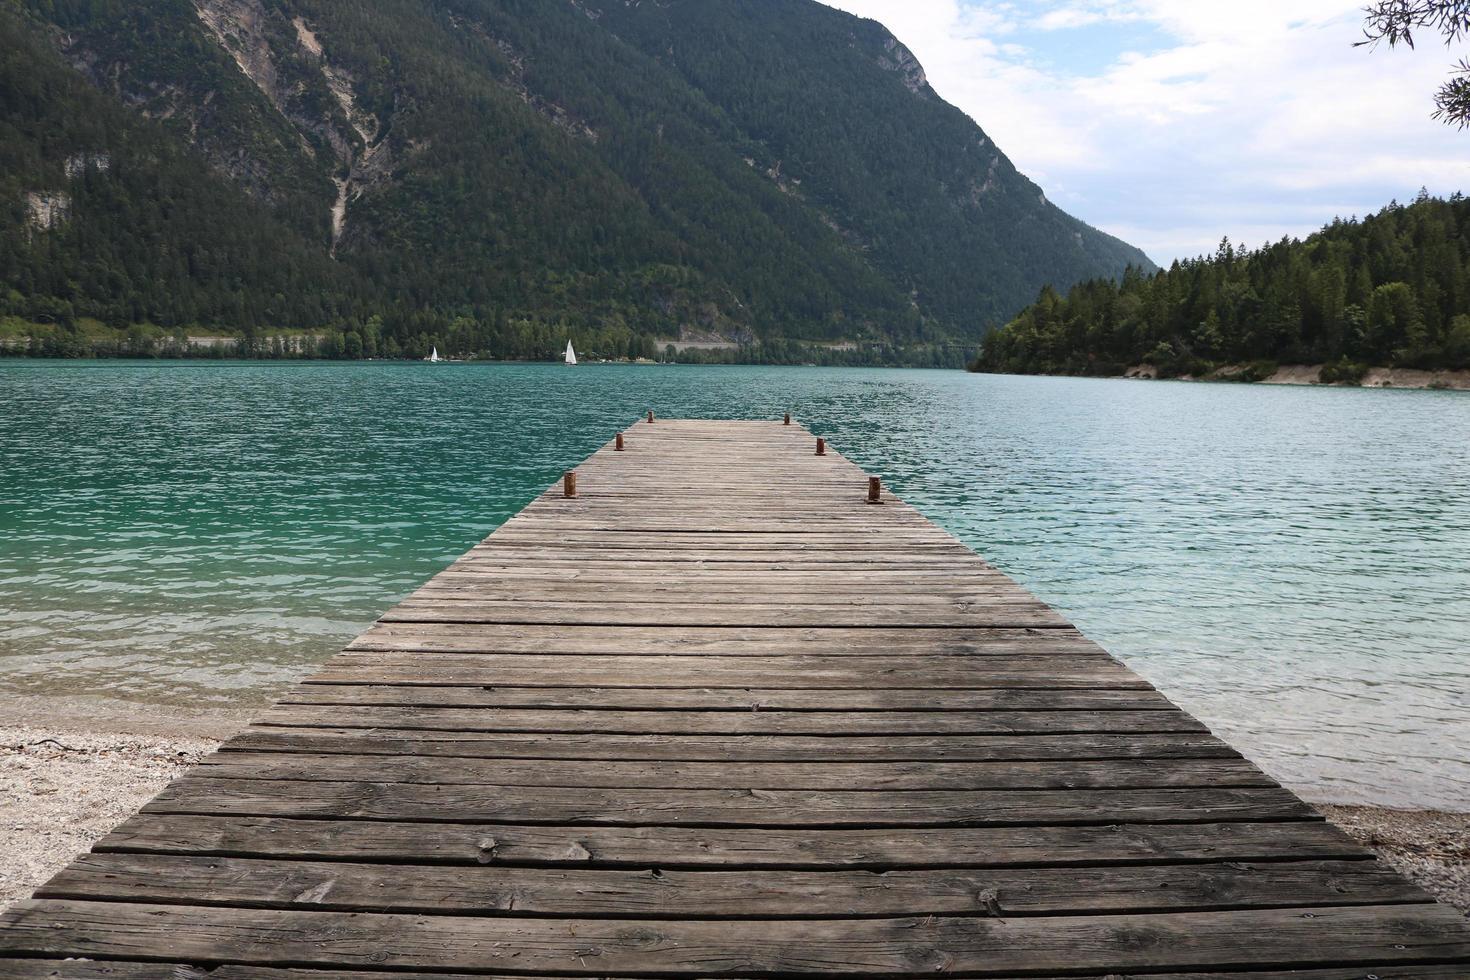 quai en bois menant à un lac pendant la journée photo